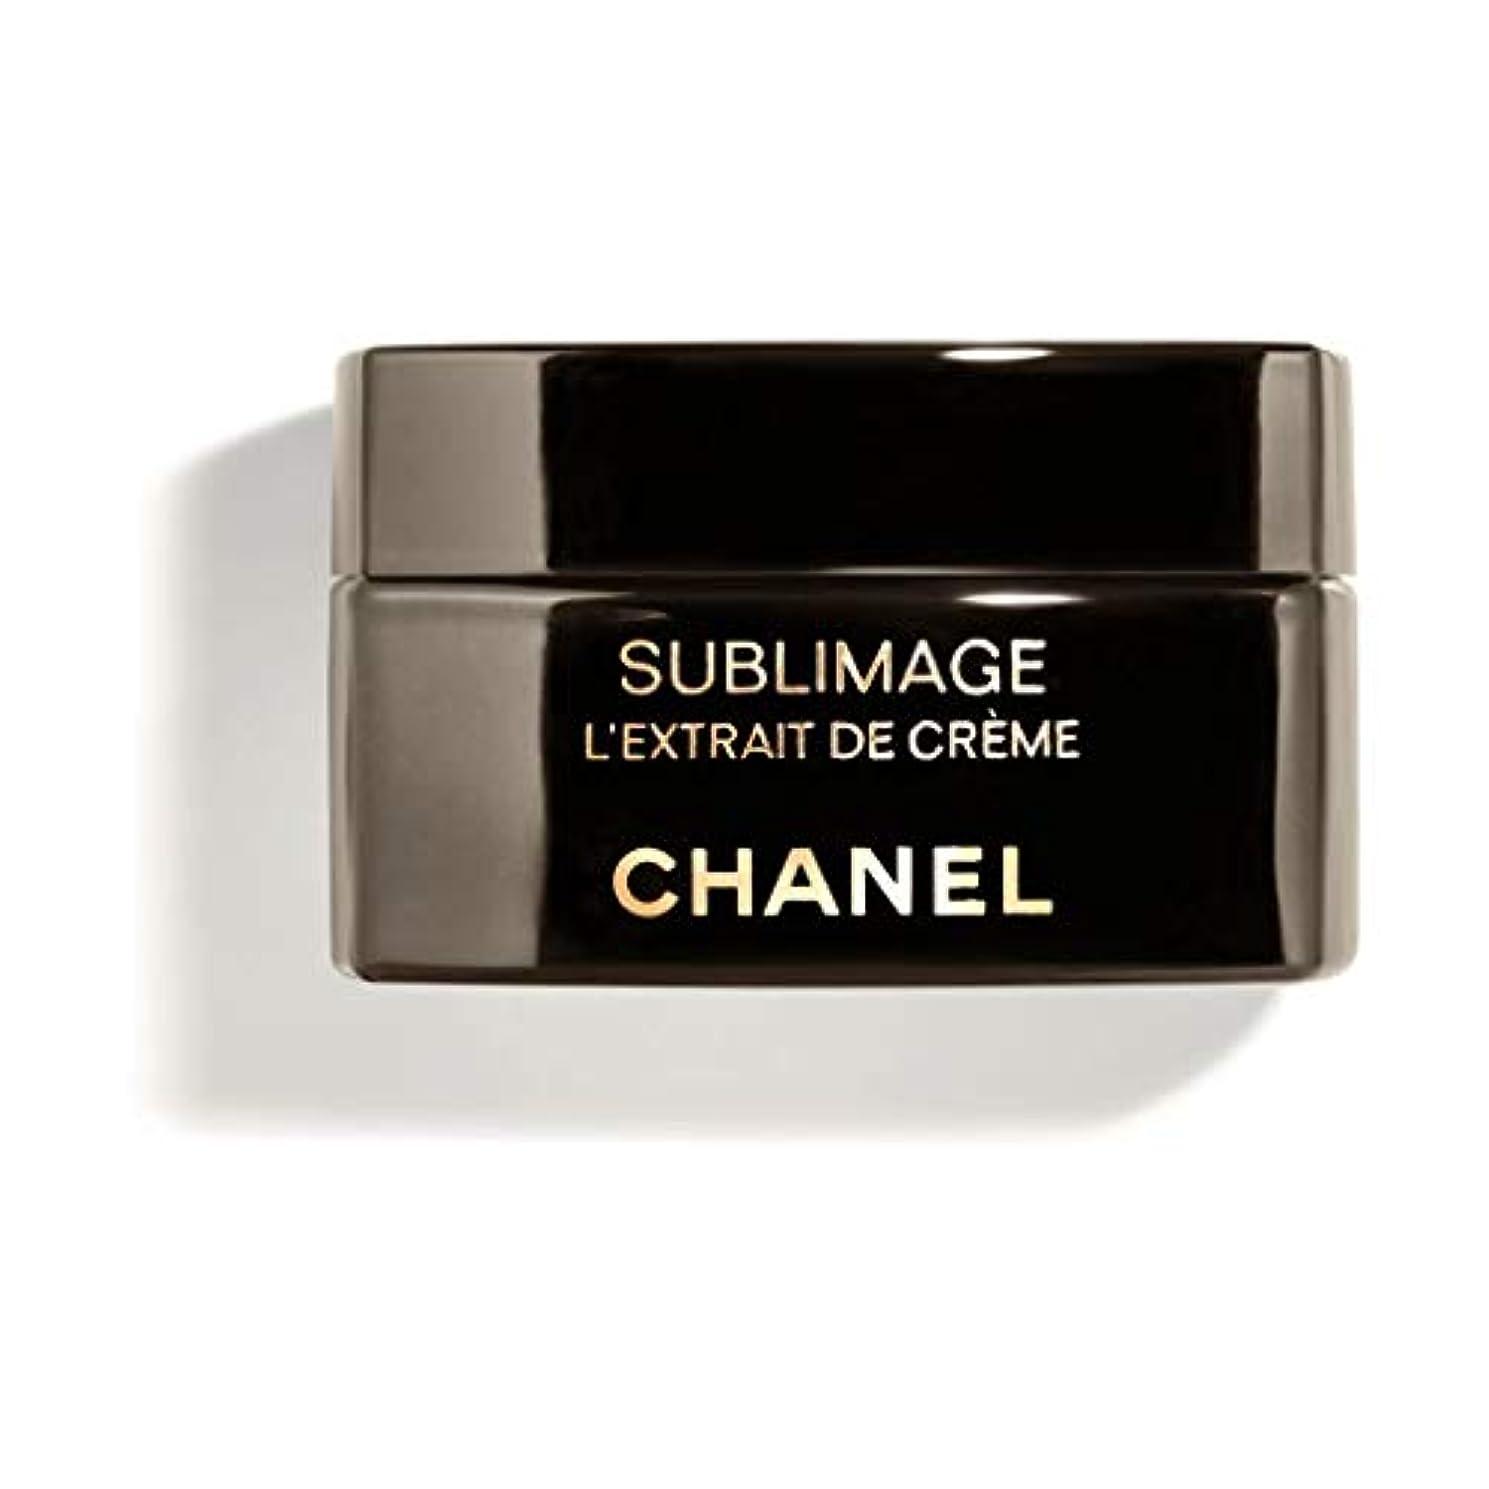 シンカン世論調査試してみるCHANEL(シャネル) SUBLIMAGE L EXTRAIT DE CREME サブリマージュ レクストレ ドゥ クレーム 50g